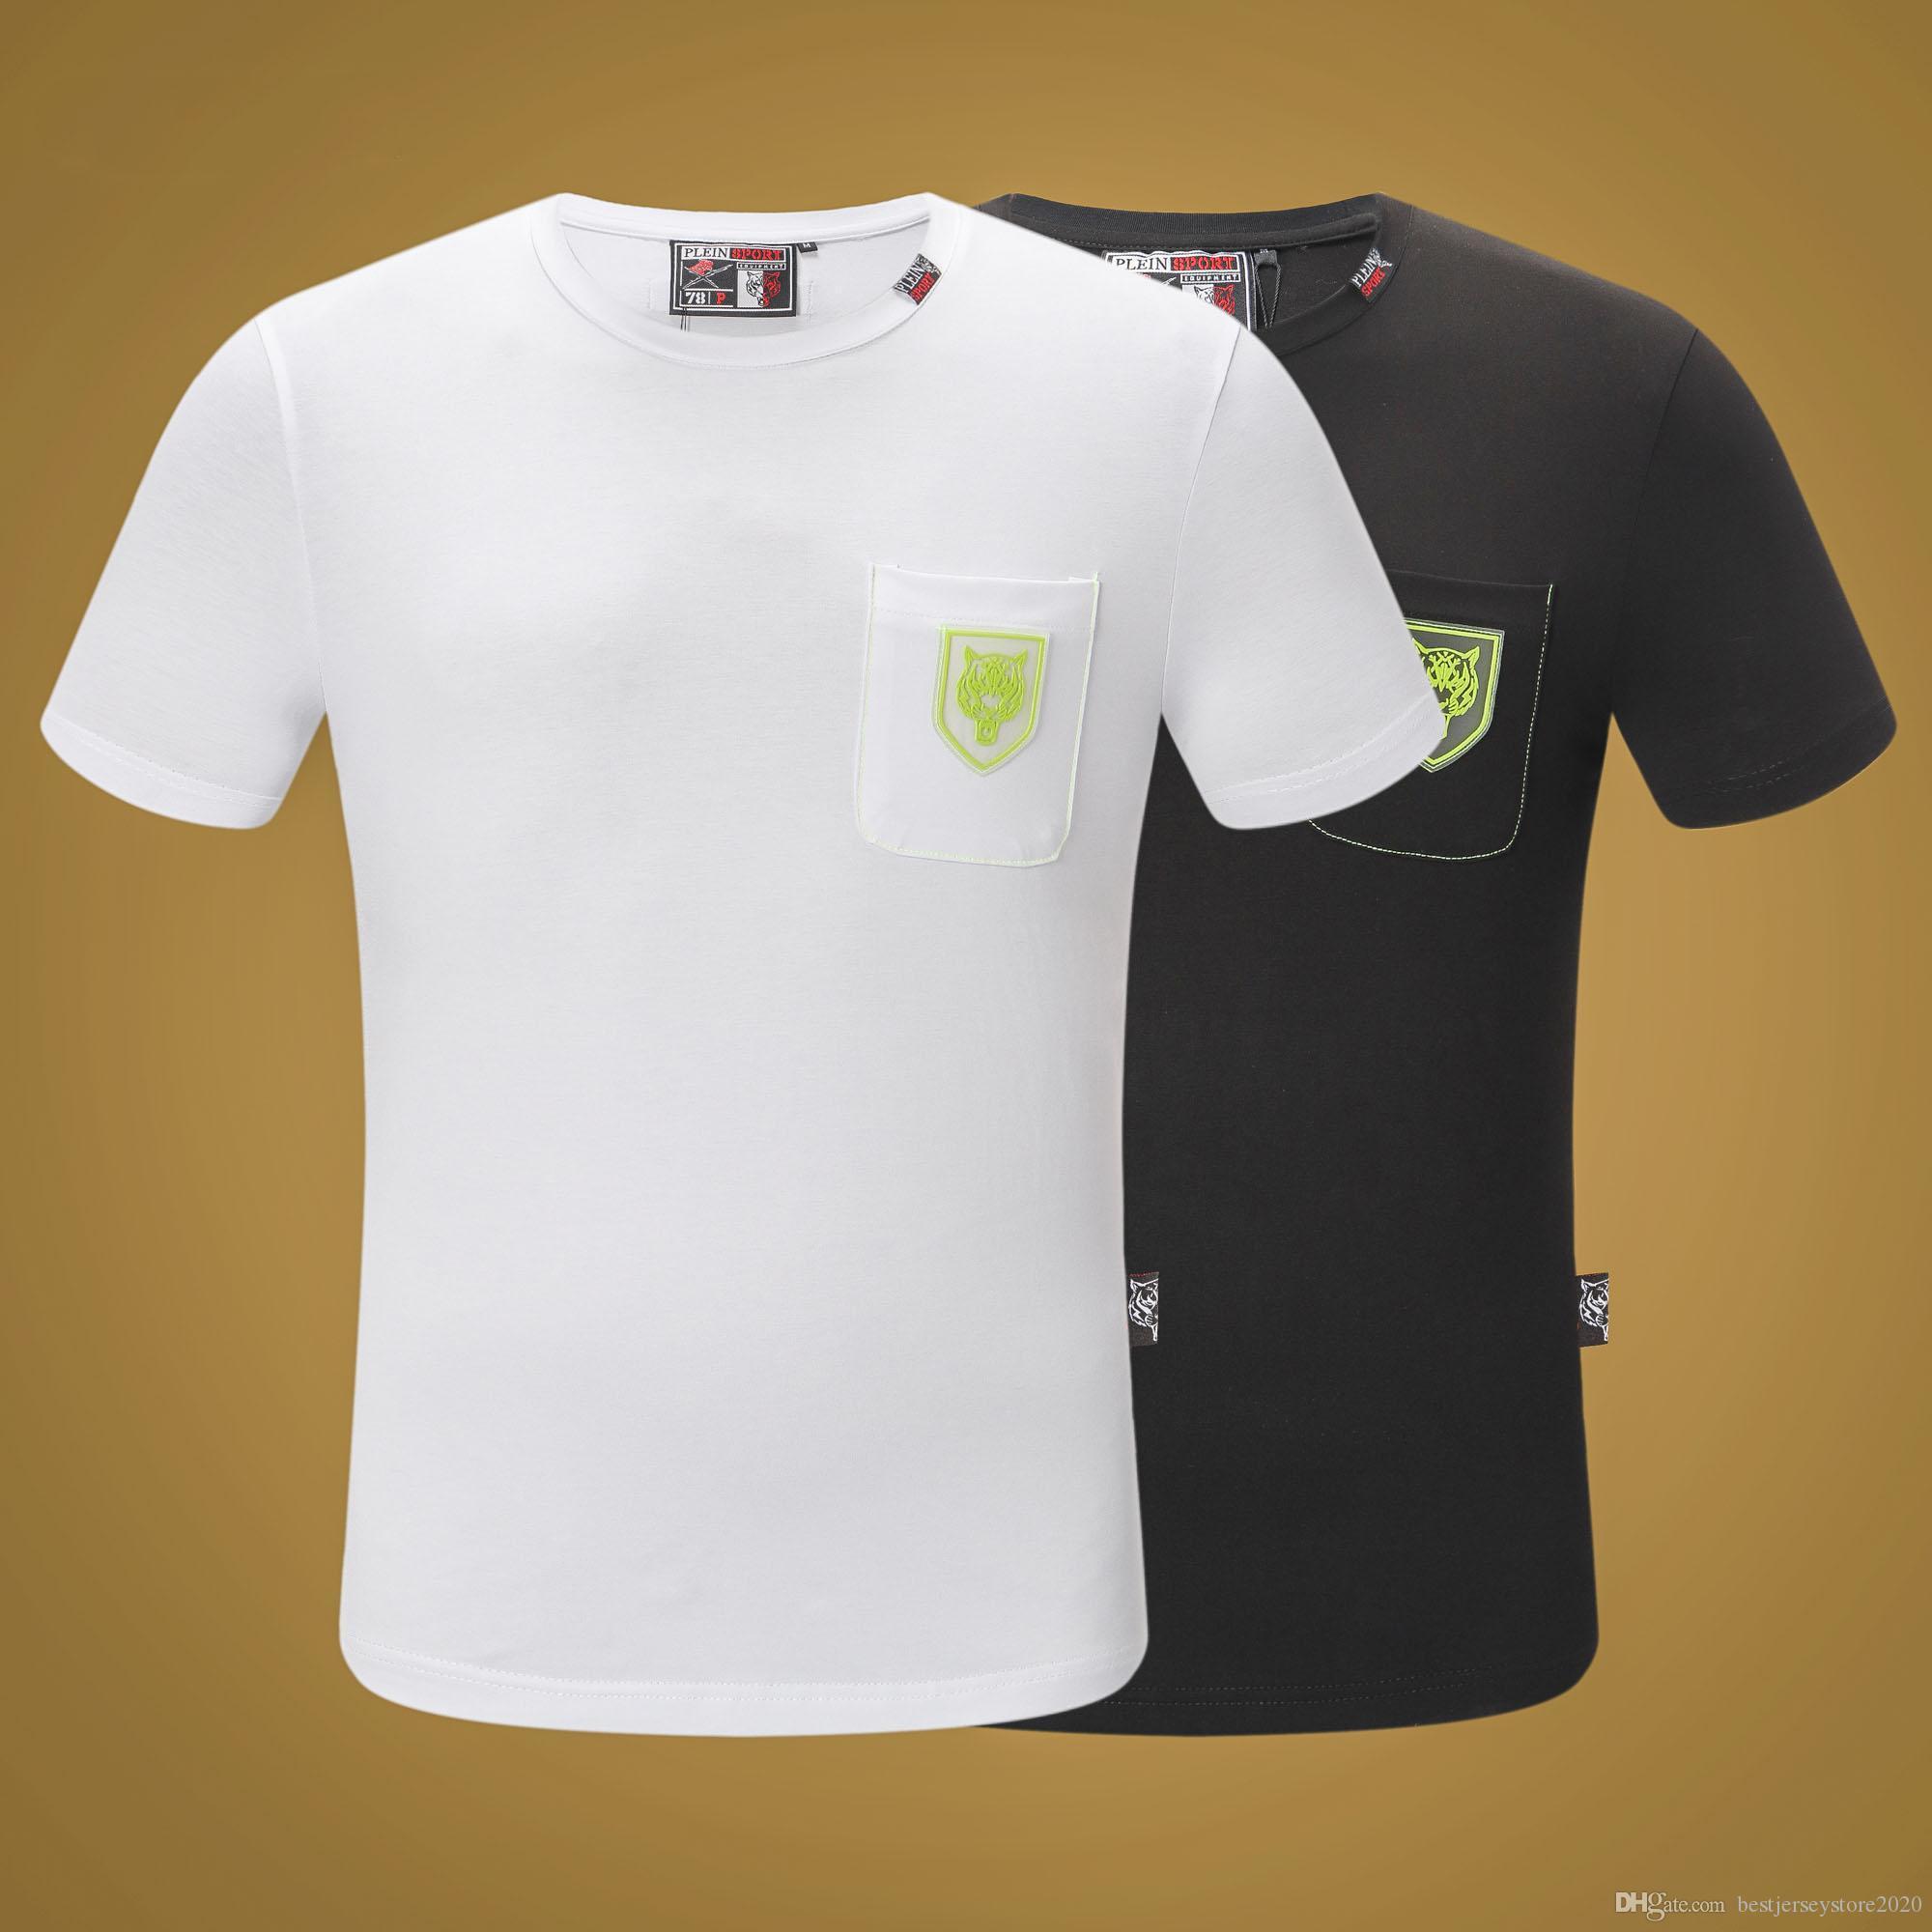 Neue Luxus-Mode Luxus Qualitätsmarke Plam Engel Männer-T-Shirt mit menschlichen Schädeldruck-T-Shirt Kurzarm-Mode-T-Shirt mit menschlichen Schädel